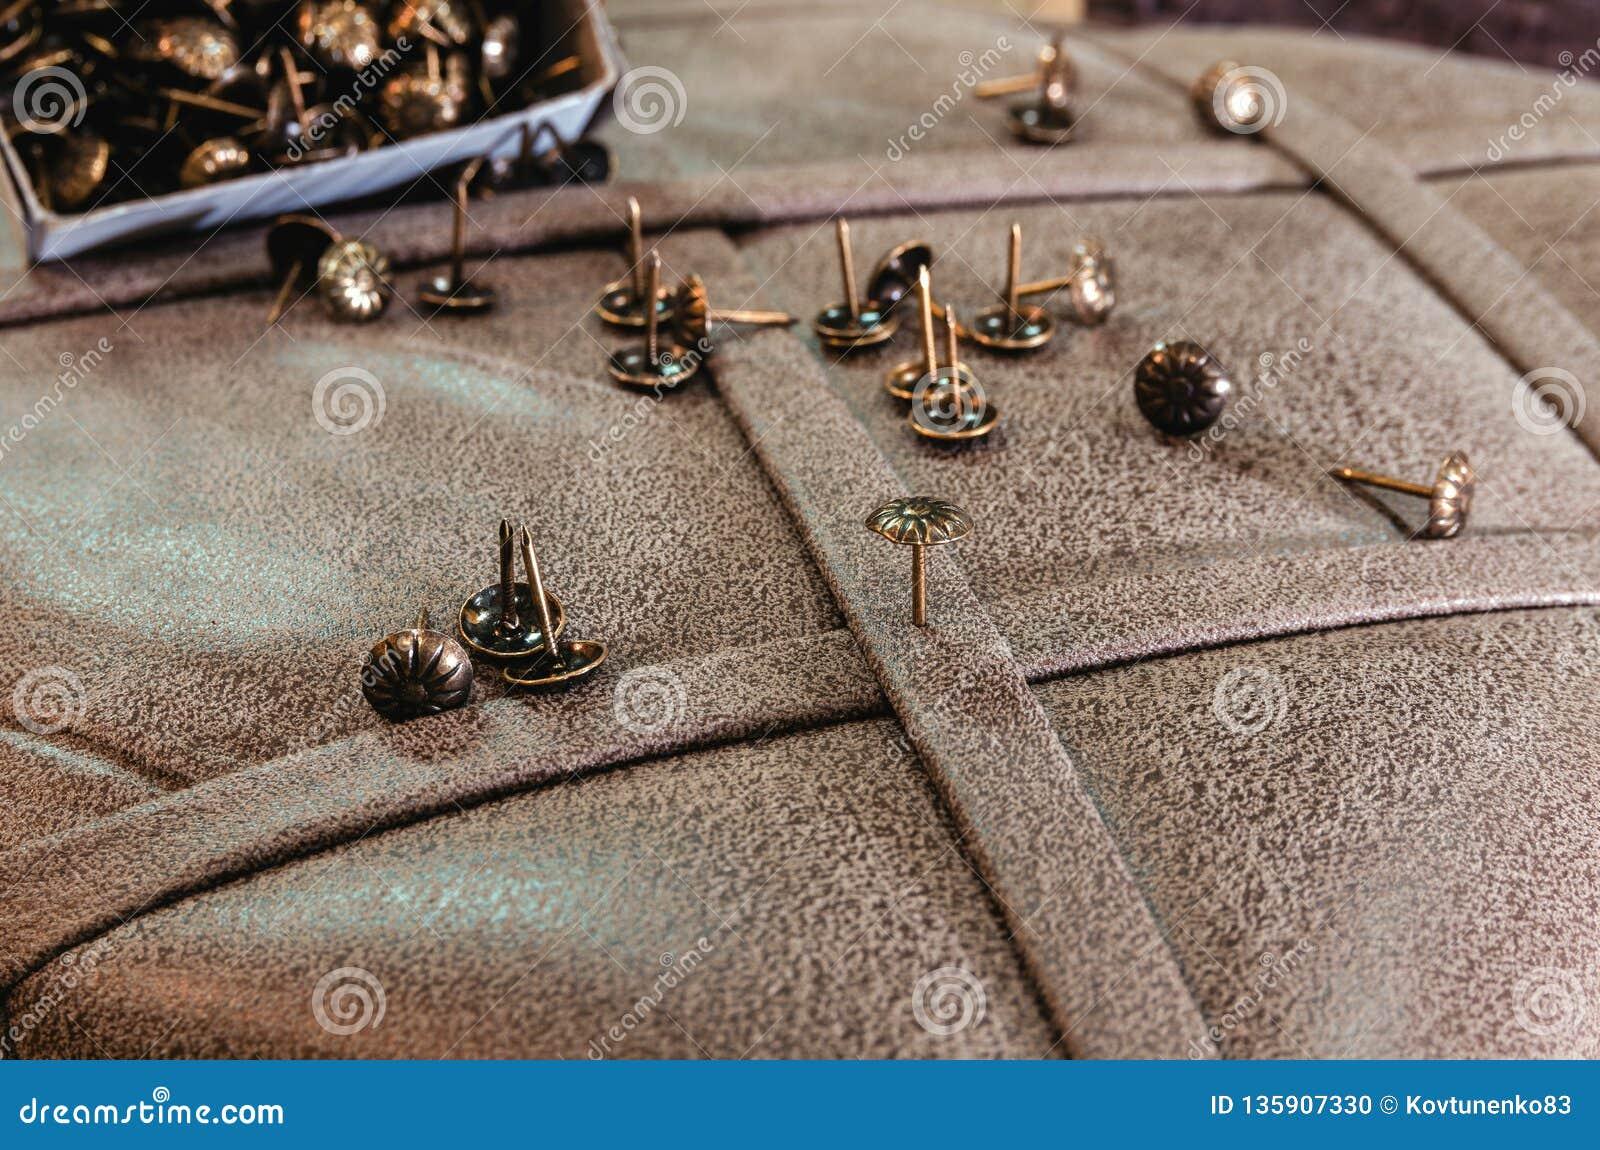 Meubilair decoratieve spijkers op de achtergrond van stoffenstoffering